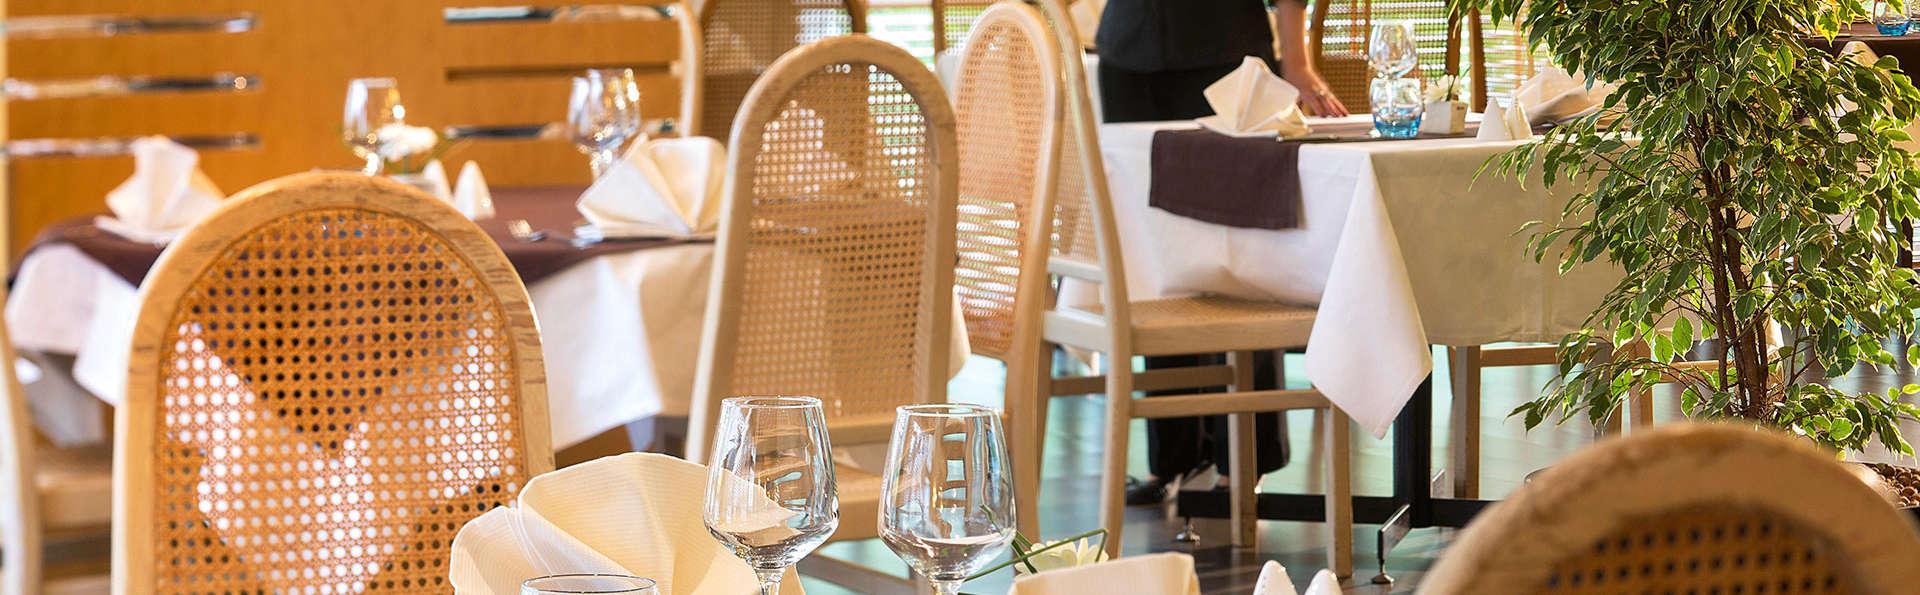 Oceania Quimper - Edit_Restaurant.jpg